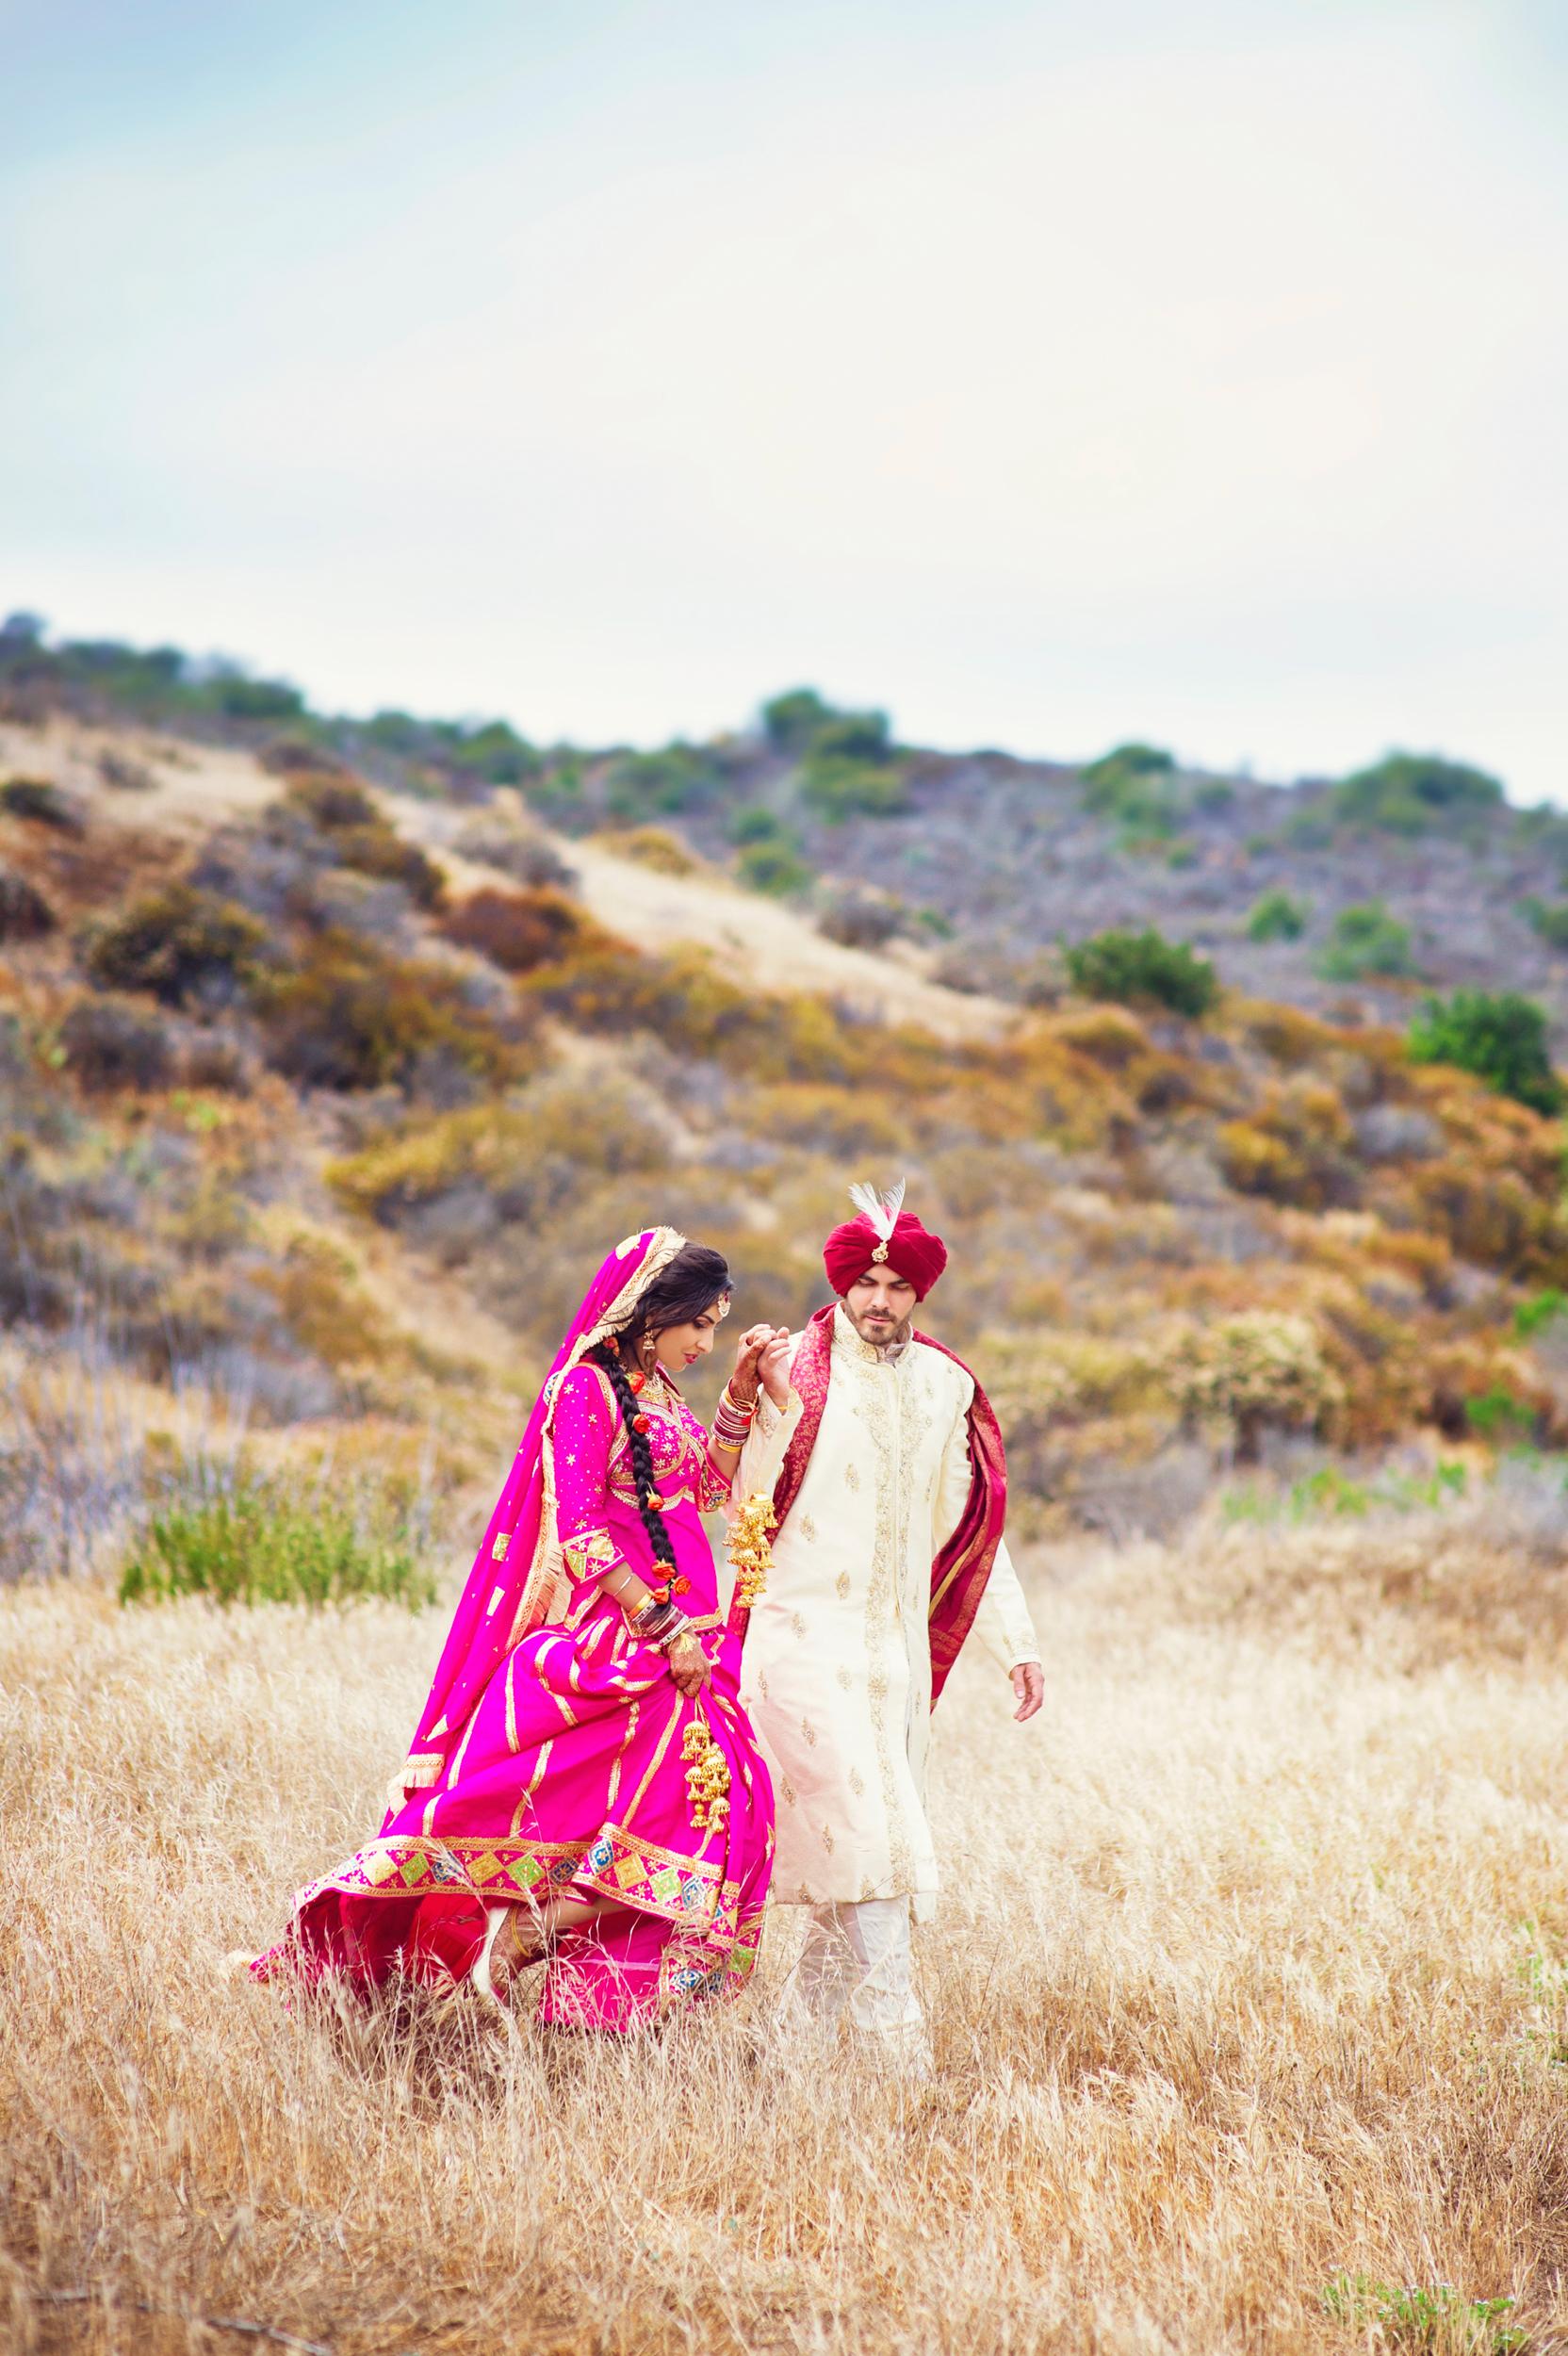 JKP_Indian_Weddings_0001.JPG